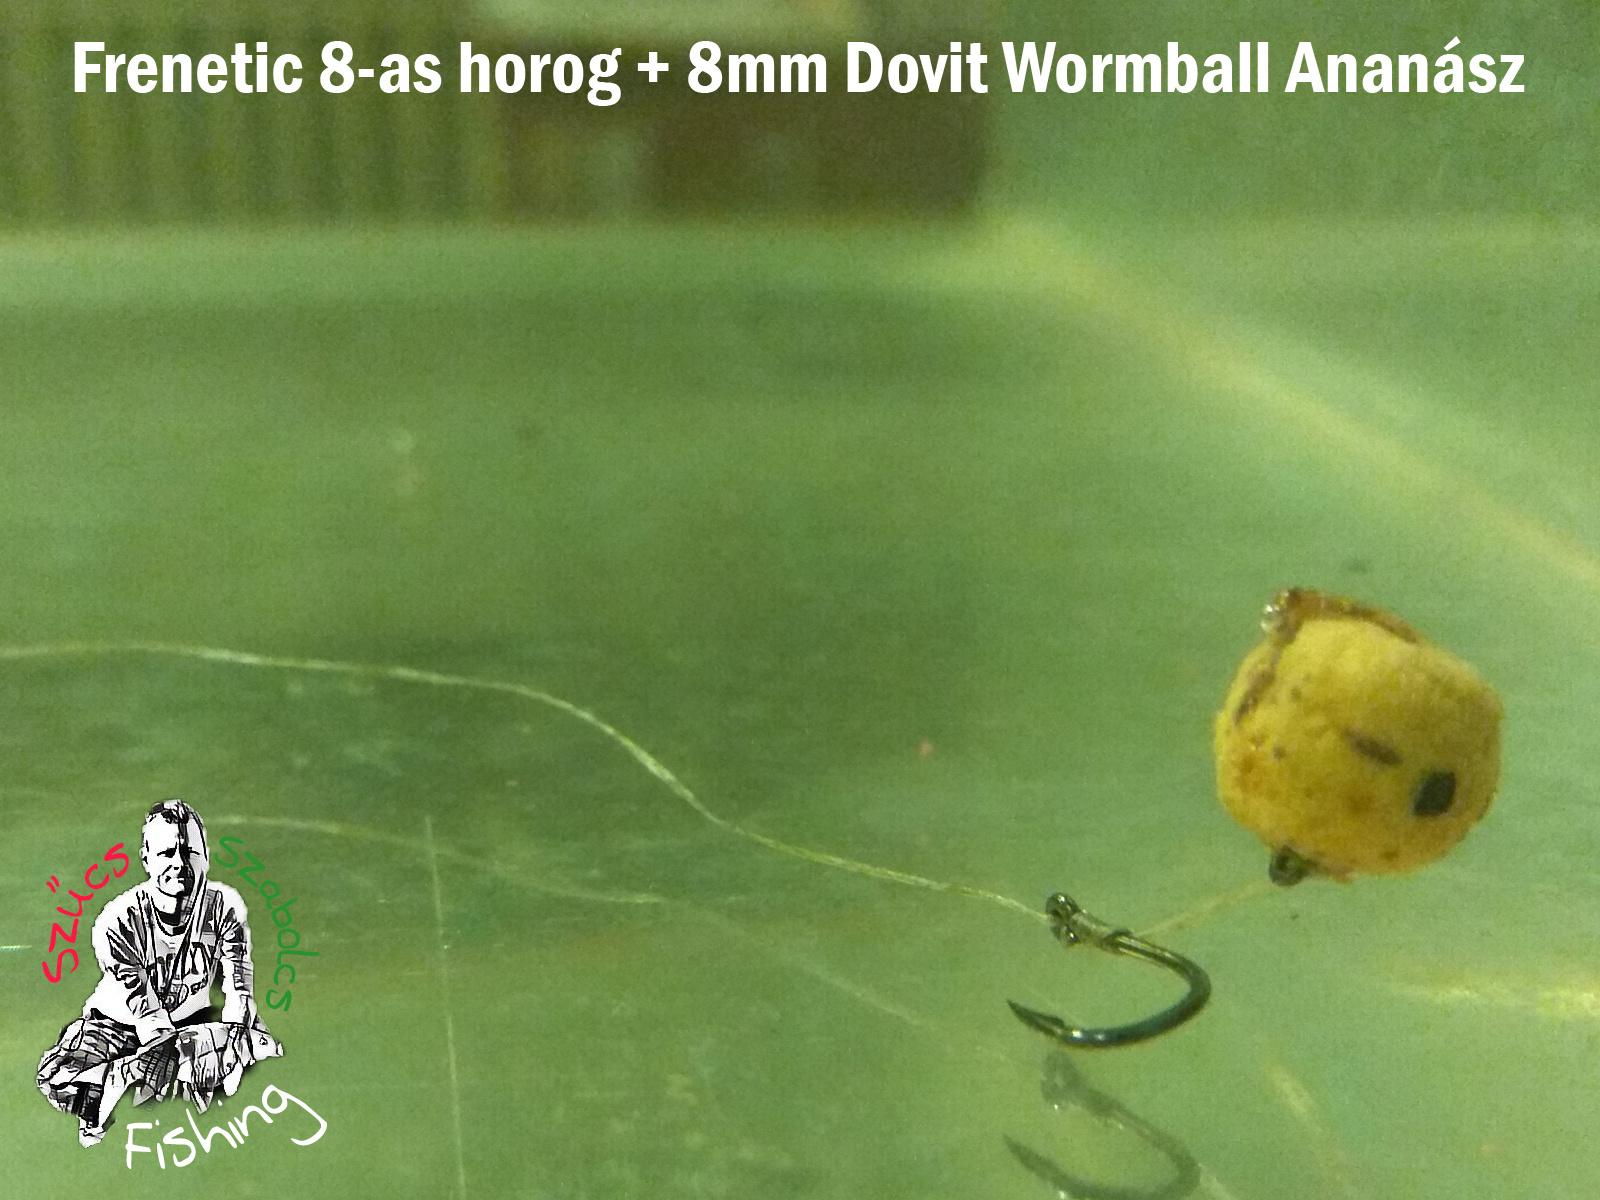 Frenetic-8-as-horog-8mm-Dovit-Wormball-Ananasz-IMG_20180131_185210